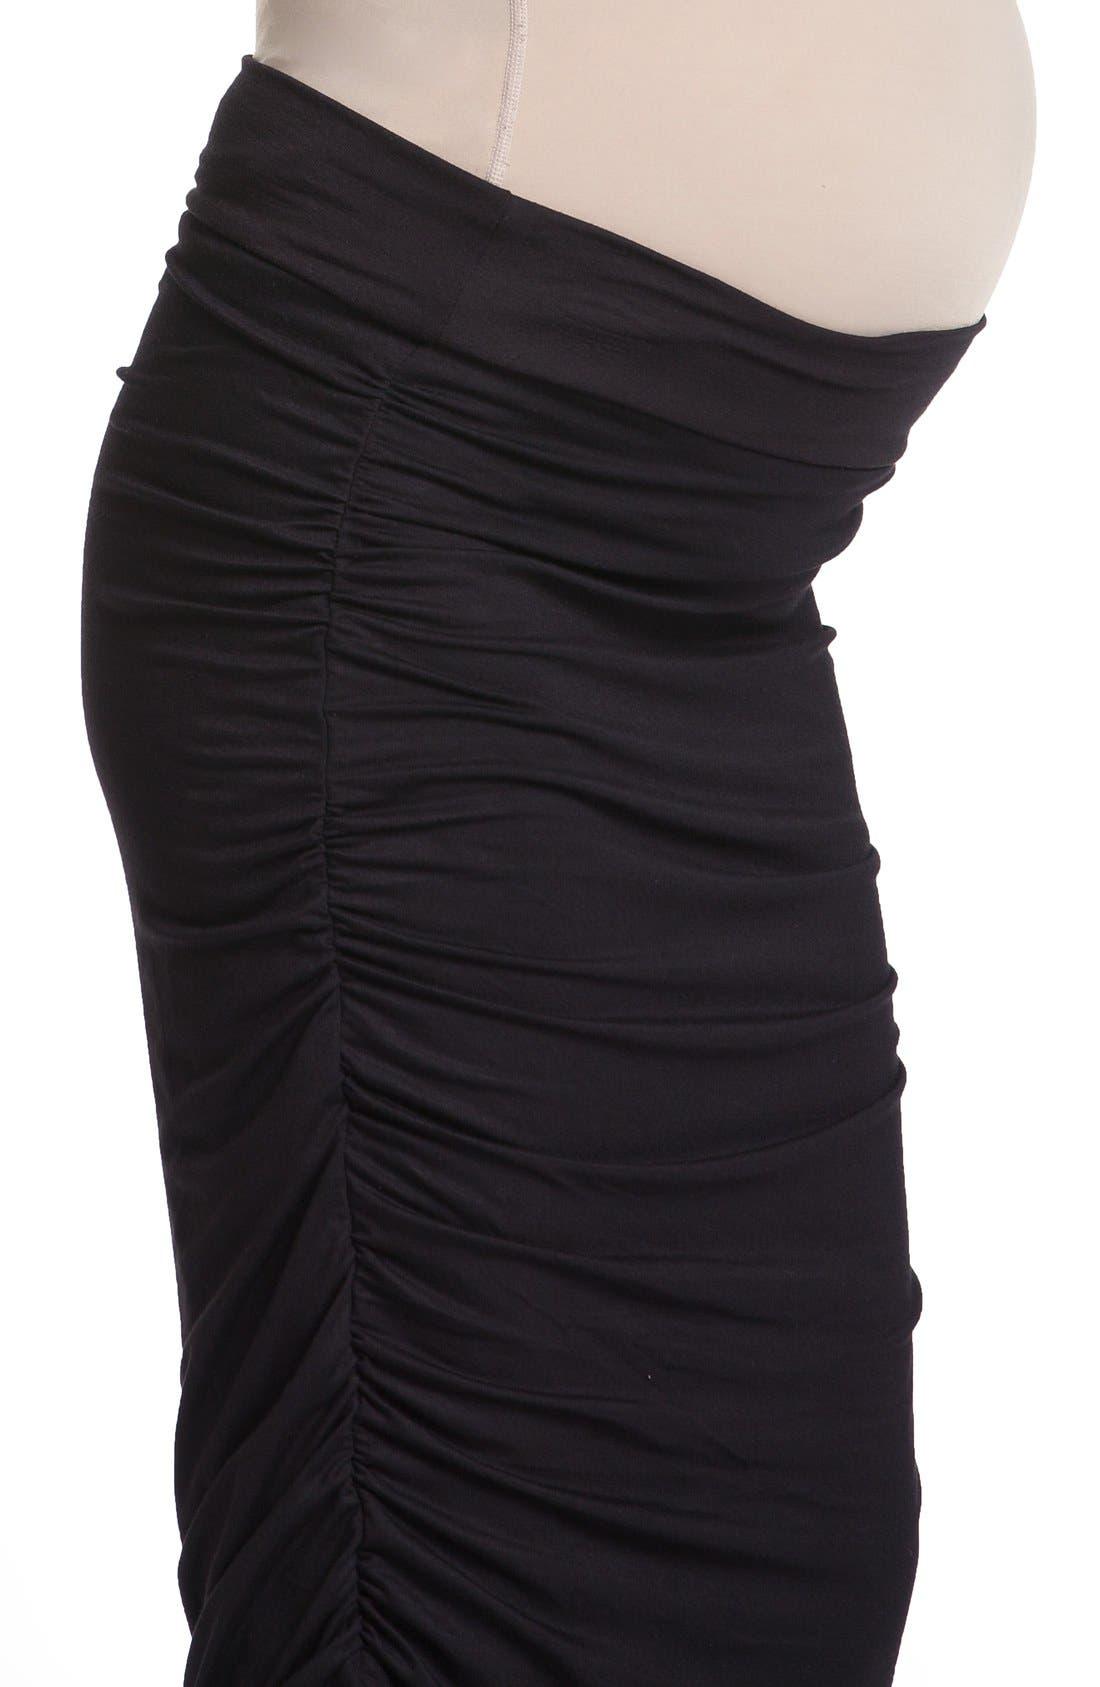 Ruched Maternity Midi Skirt,                             Main thumbnail 1, color,                             001